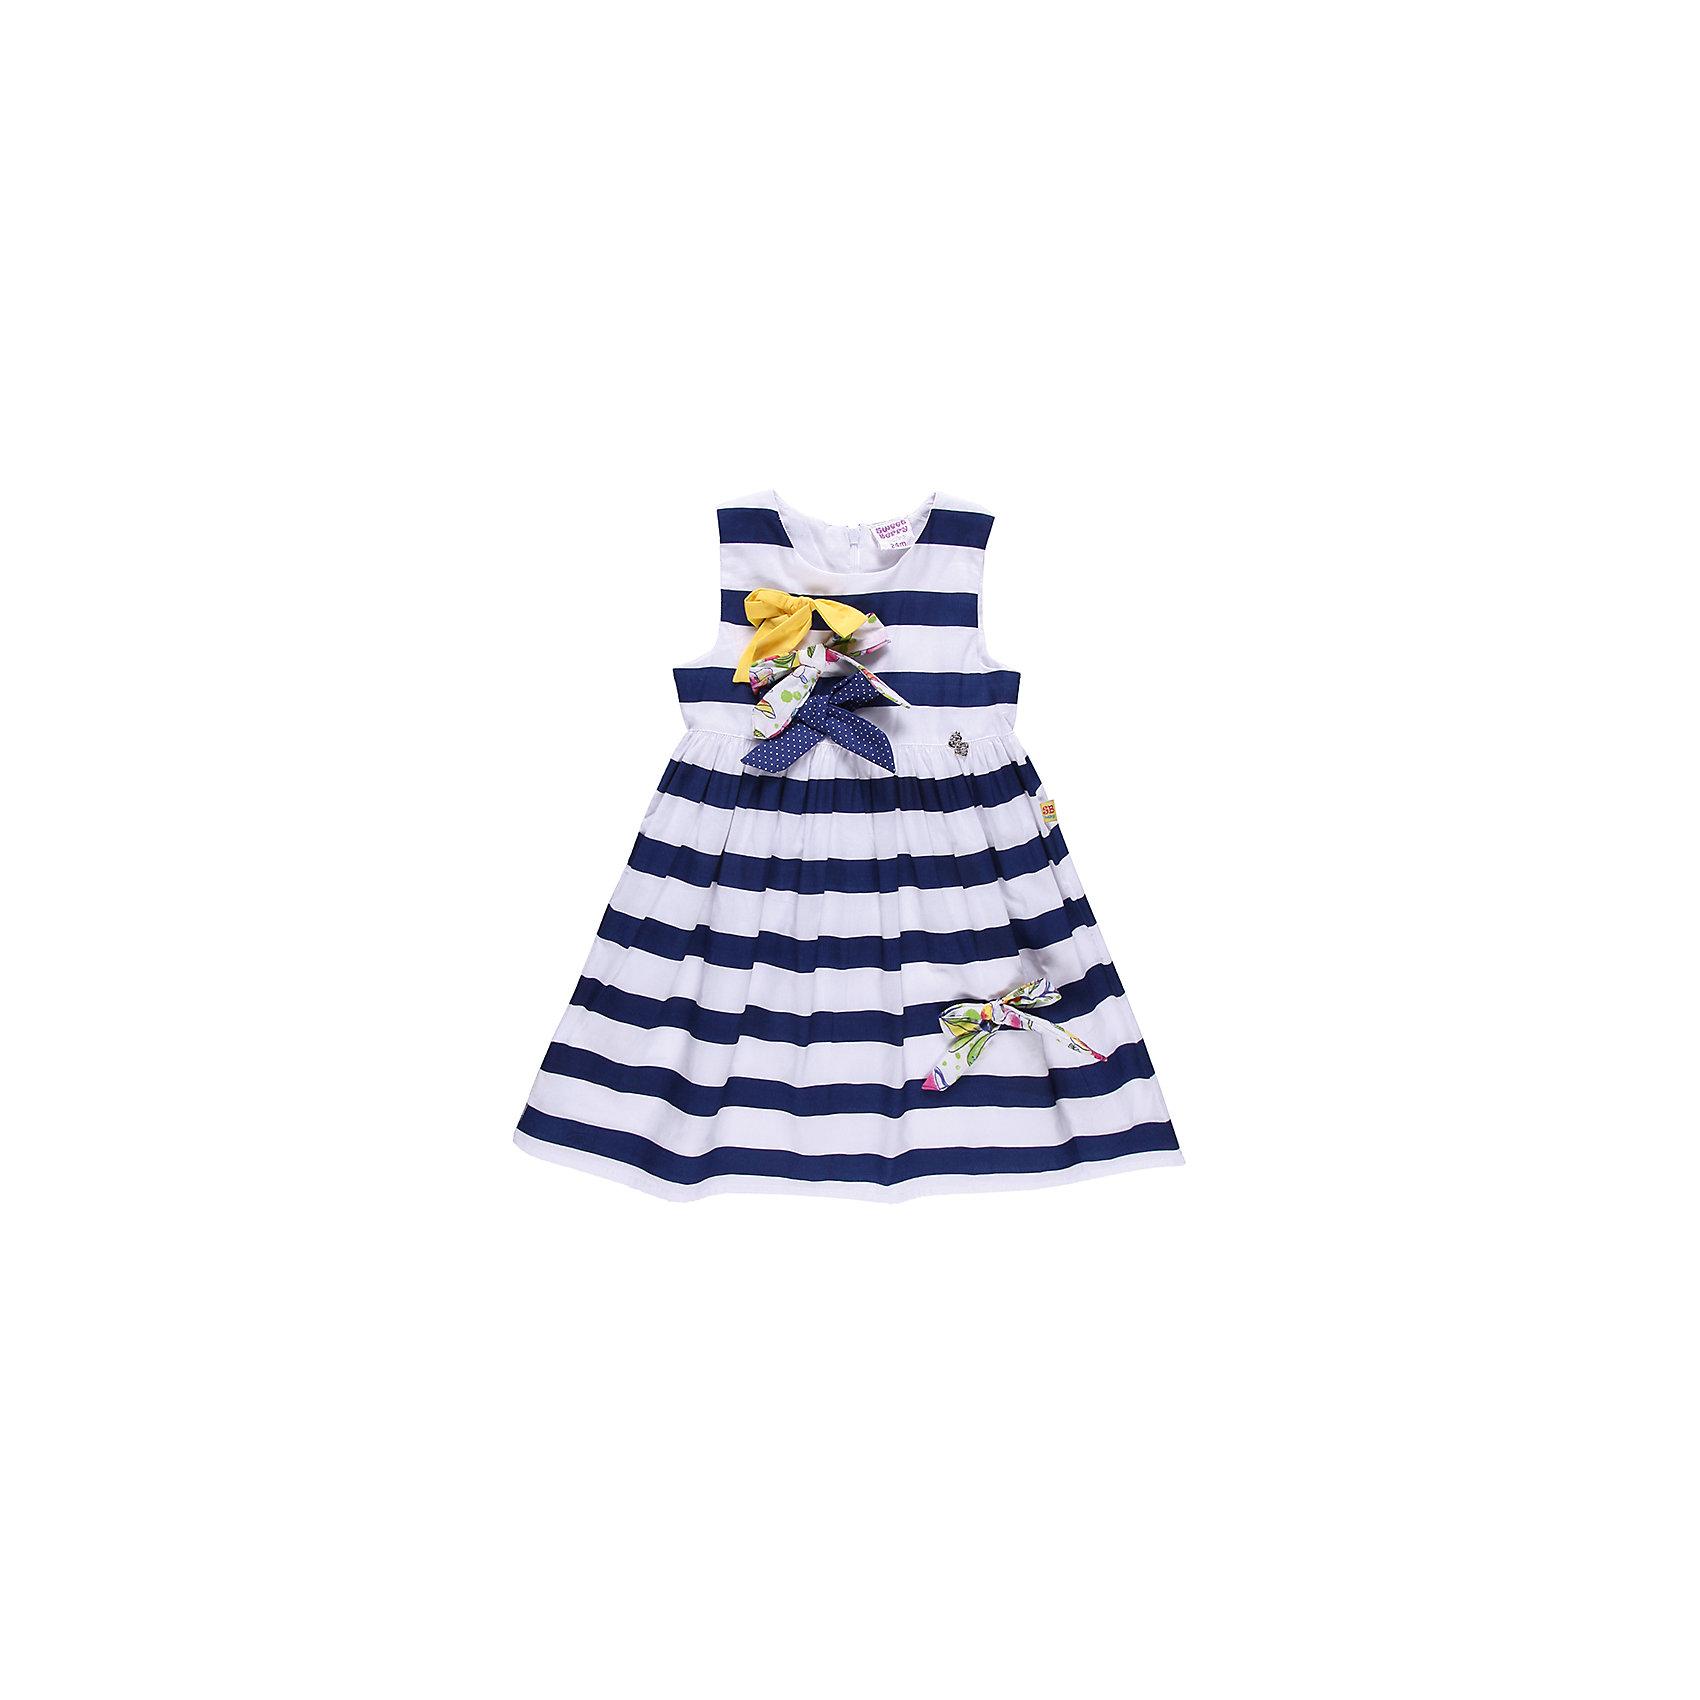 Платье для девочки Sweet BerryЛетнее платье на каждый день, из тонкого поплина, застежка-молния сзади, модель украшена бантами из разной ткани.<br>Состав:<br>100% хлопок<br><br>Ширина мм: 236<br>Глубина мм: 16<br>Высота мм: 184<br>Вес г: 177<br>Цвет: белый/синий<br>Возраст от месяцев: 18<br>Возраст до месяцев: 24<br>Пол: Женский<br>Возраст: Детский<br>Размер: 92,86,80,98<br>SKU: 4520265